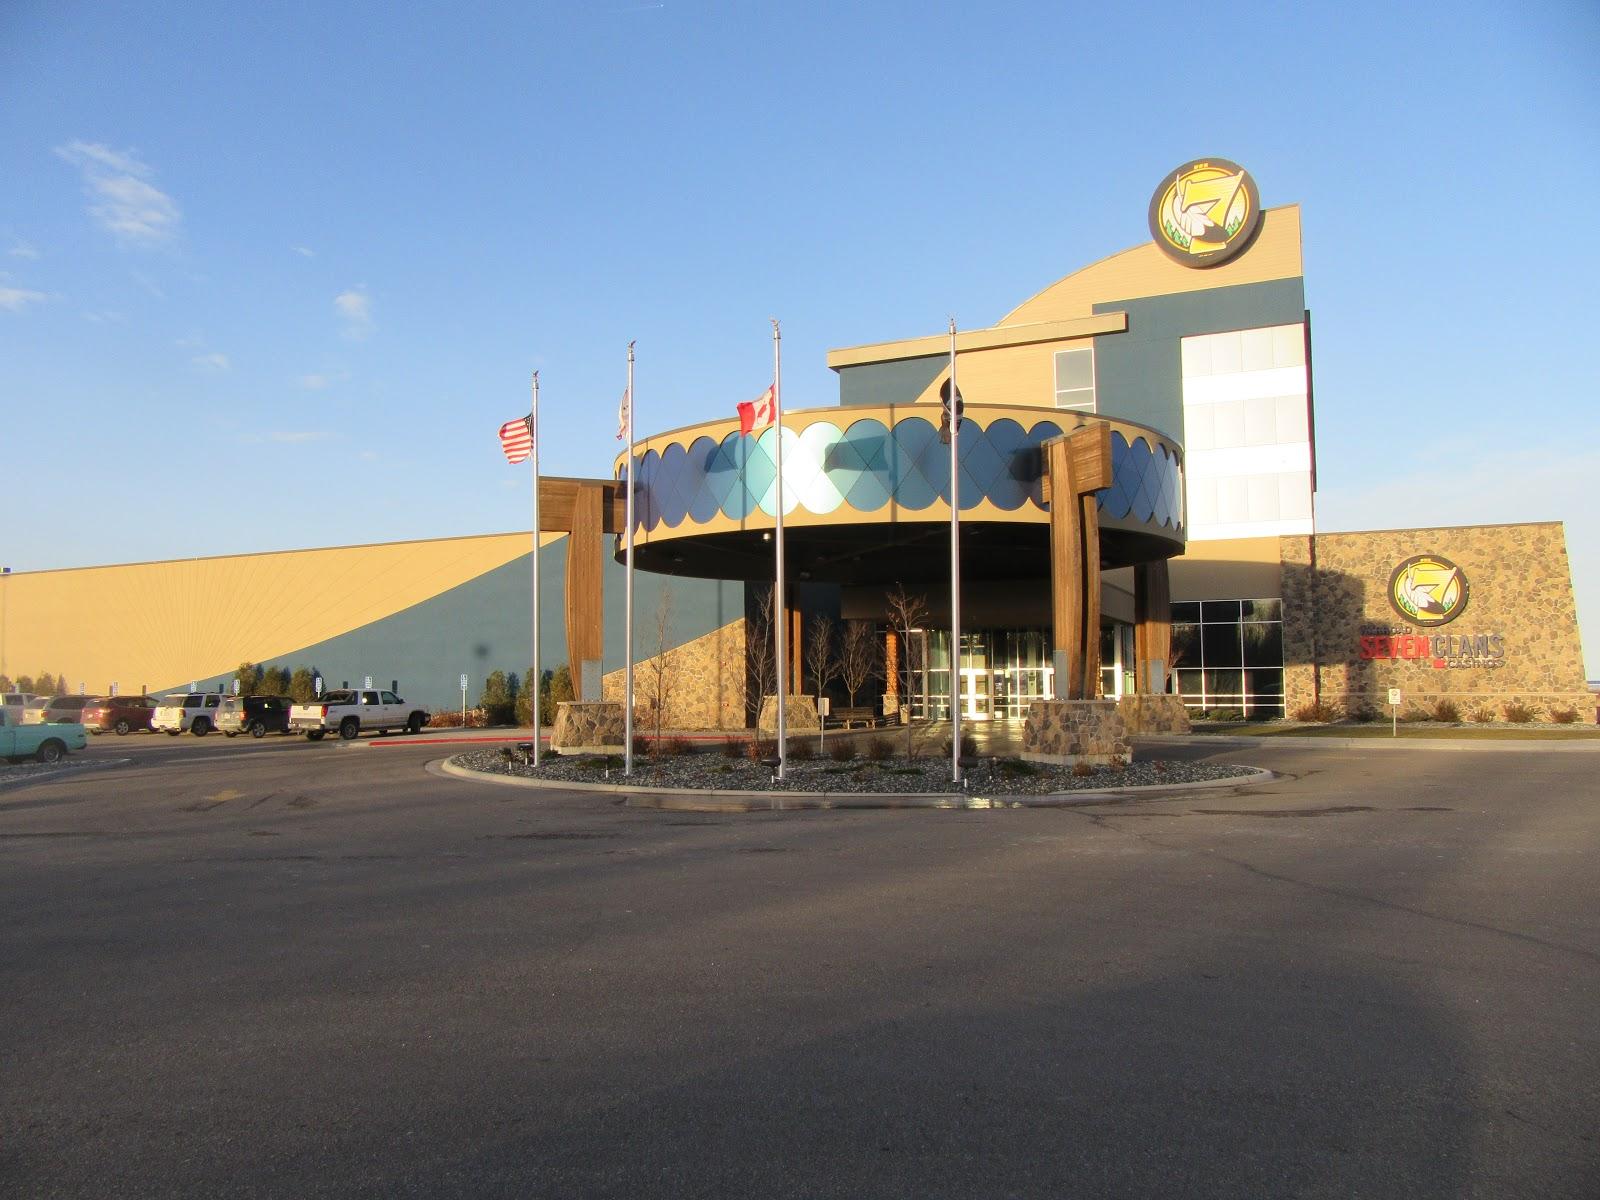 Casino in warroad mn